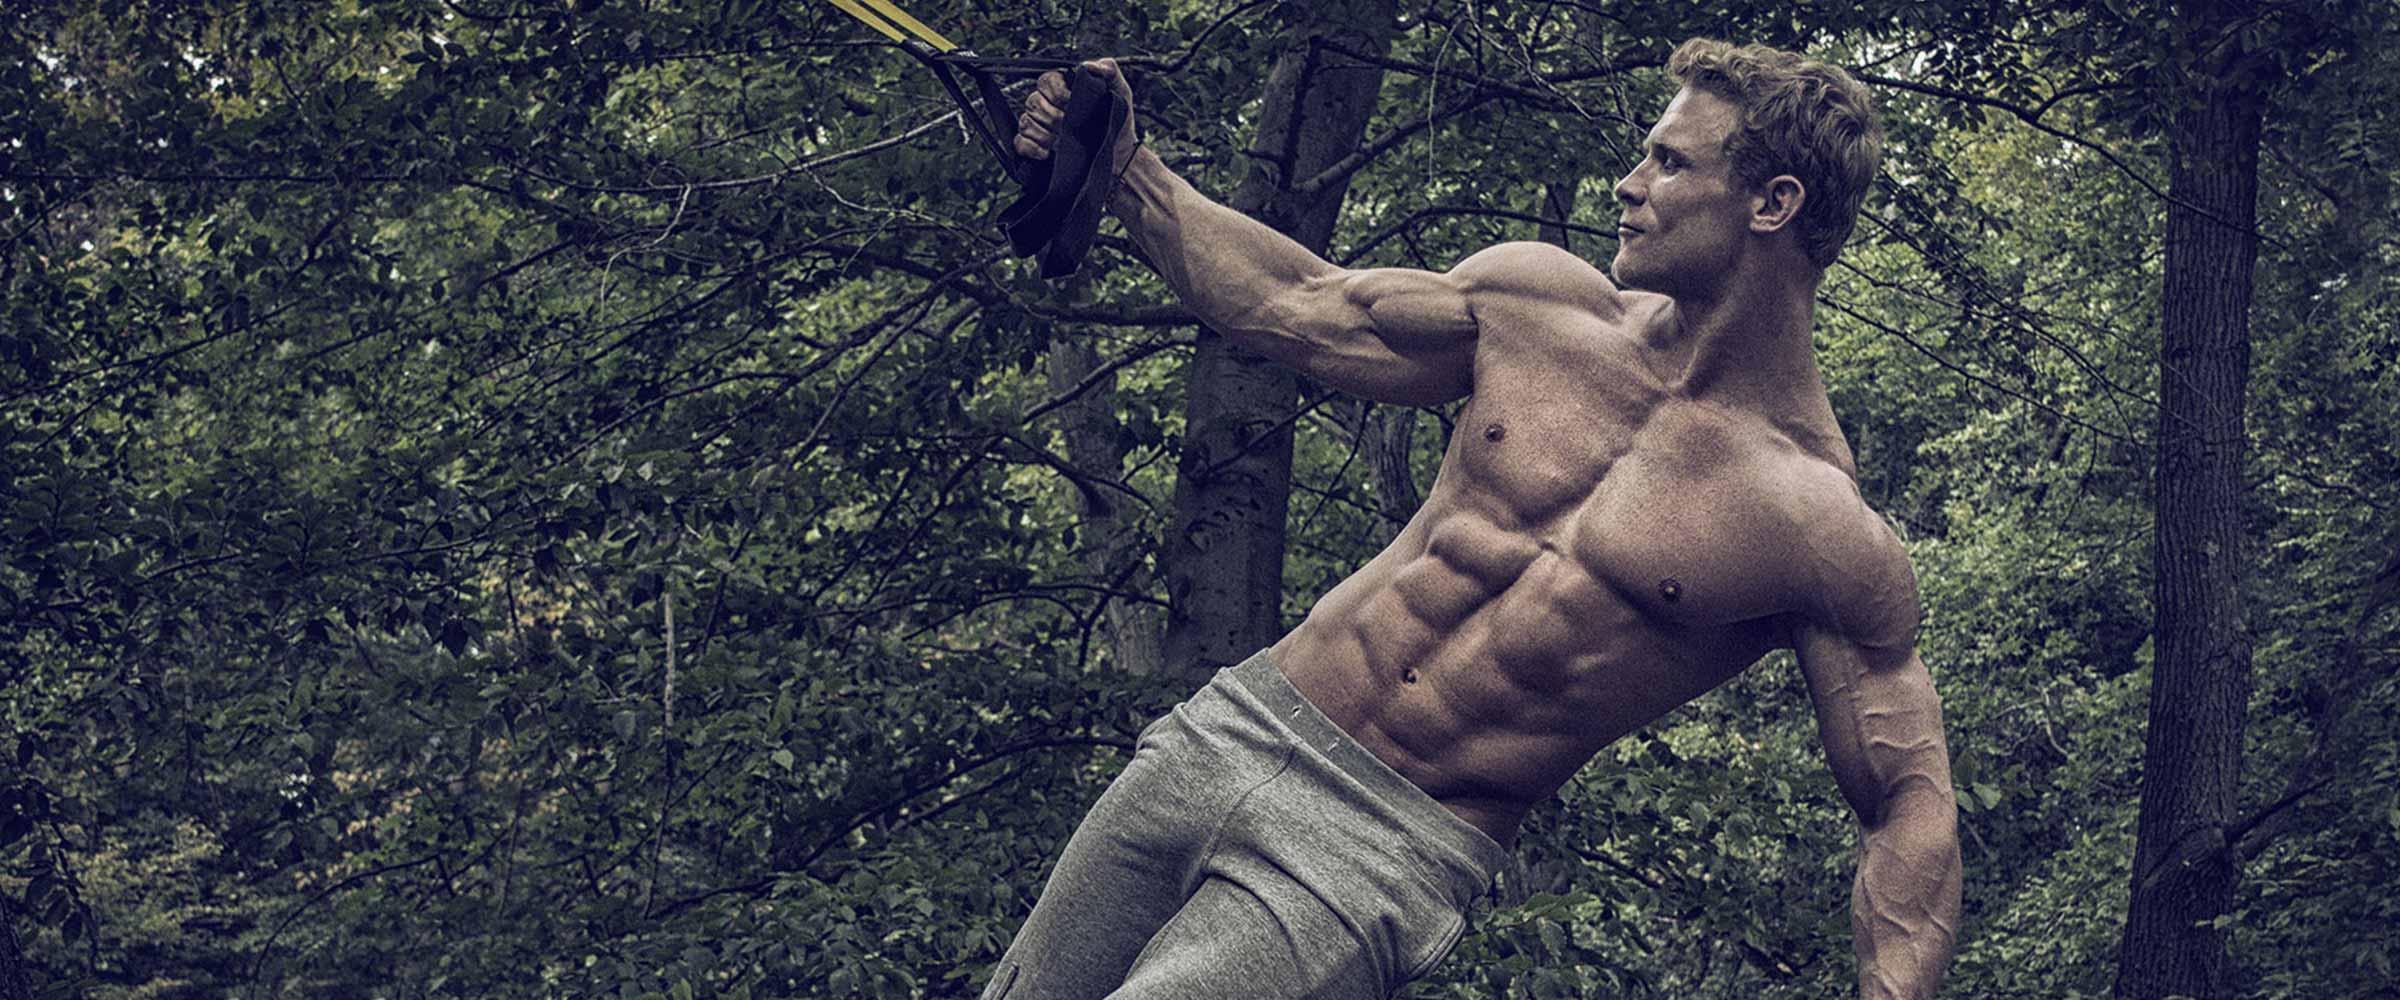 combaterea corpului mă va ajuta să slăbesc scădere în greutate hflc